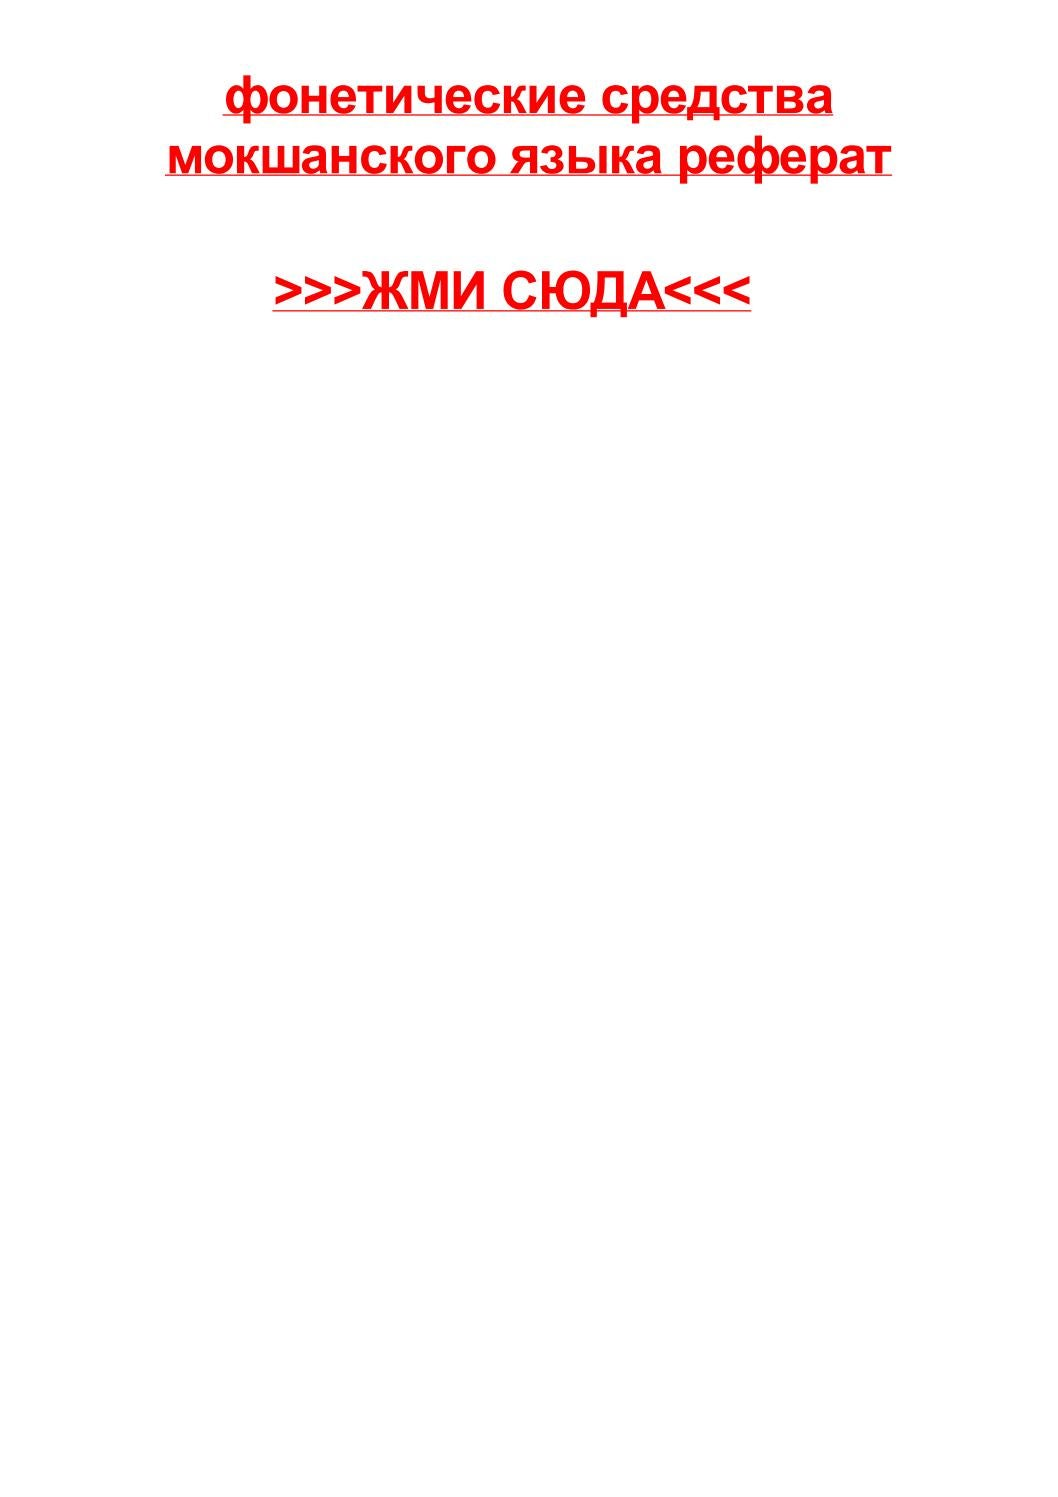 Фонетические средства мокшанского языка реферат 1336